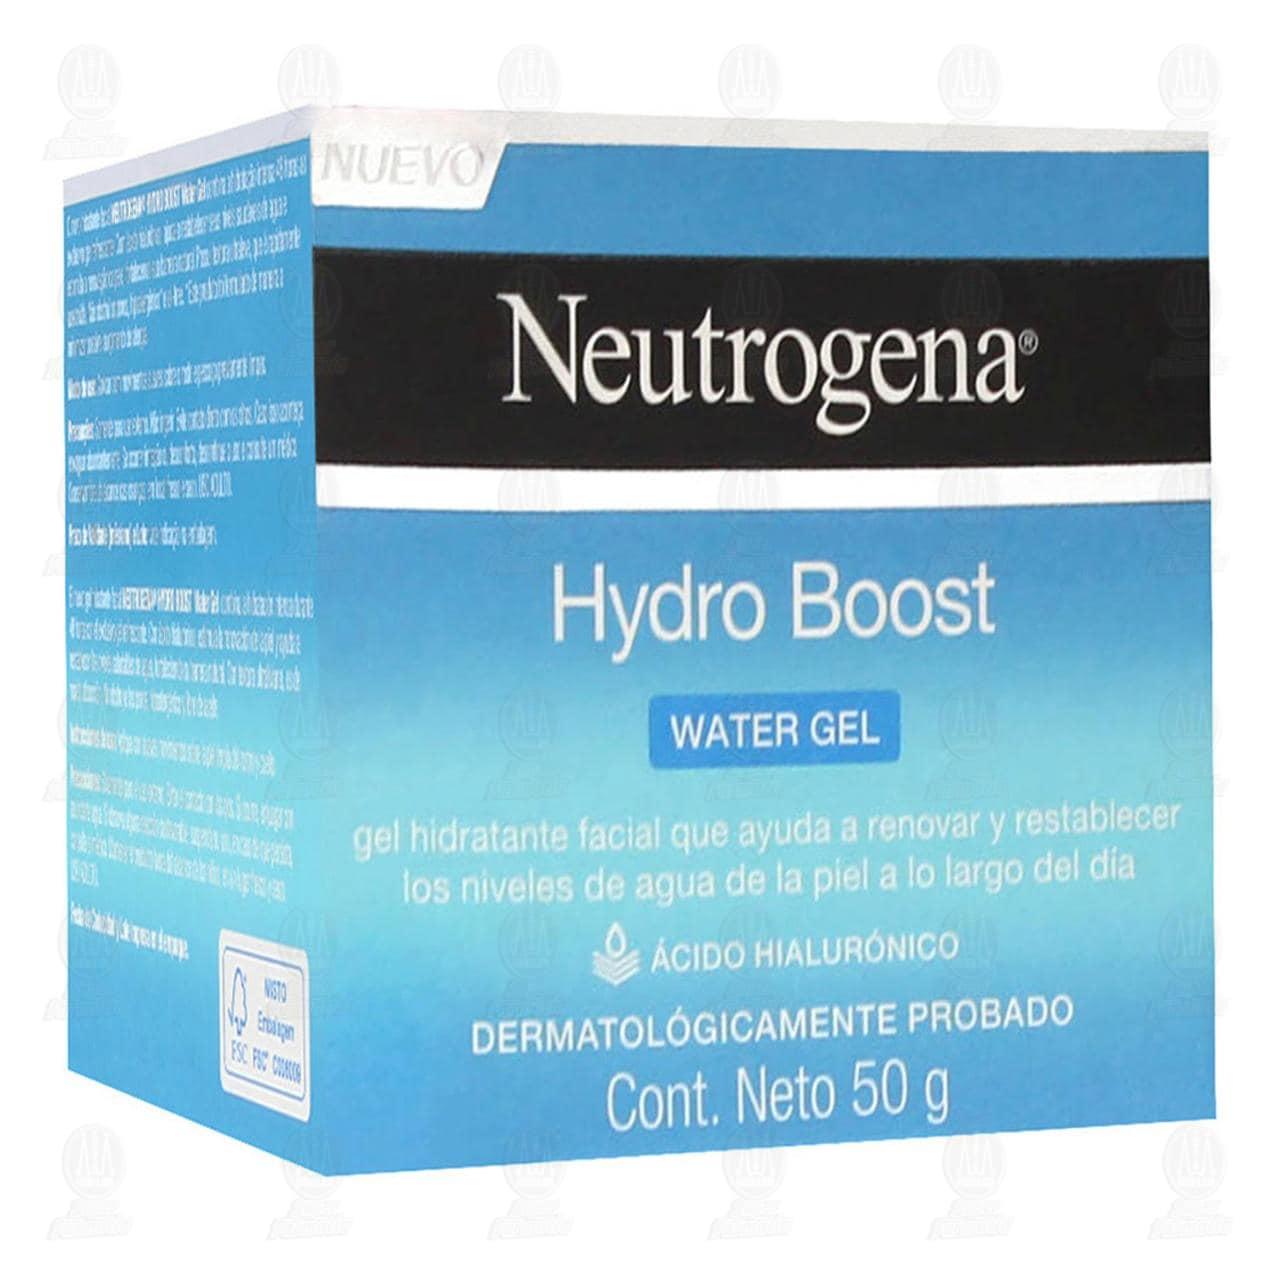 Comprar Hidratante Facial Neutrogena Hydro Boost Water Gel, 50 gr. en Farmacias Guadalajara